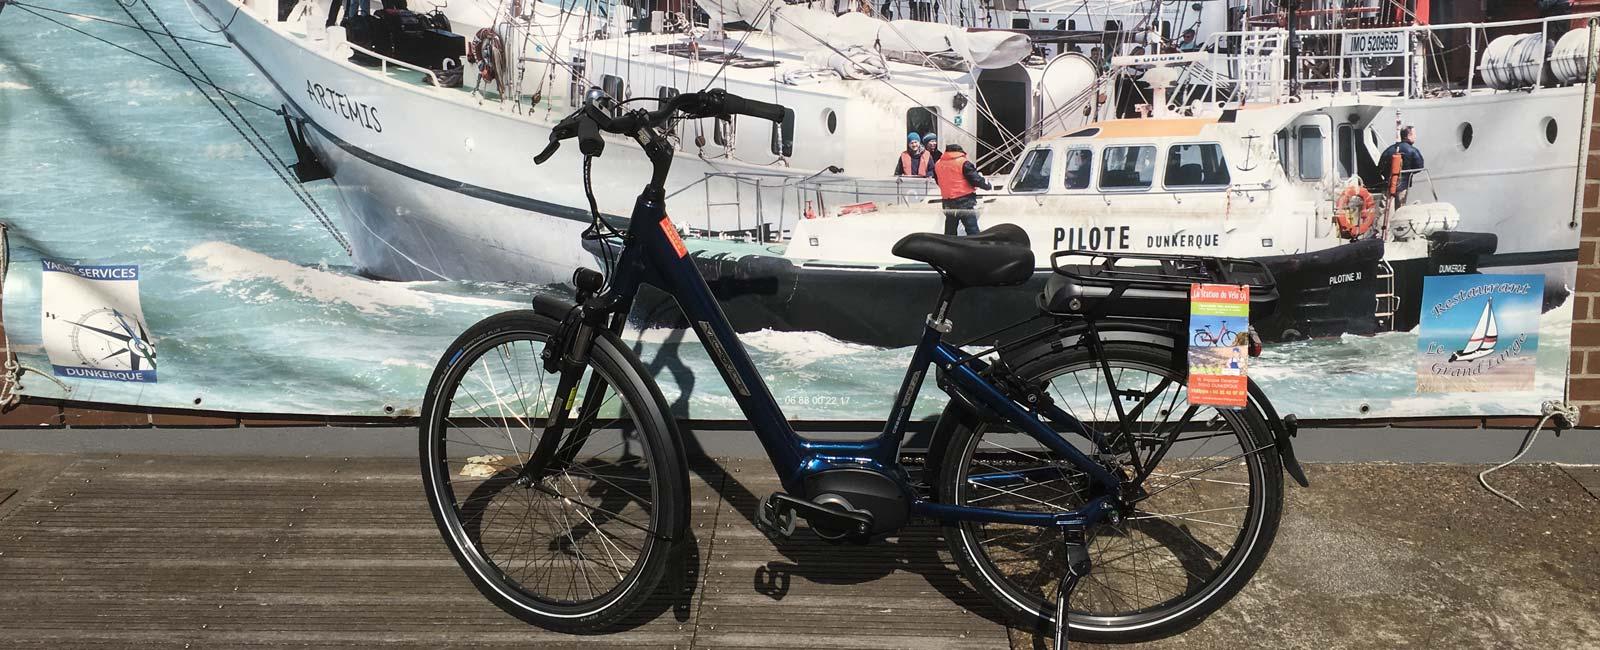 Station Vélo 59 - Réparation de vélo à Dunkerque